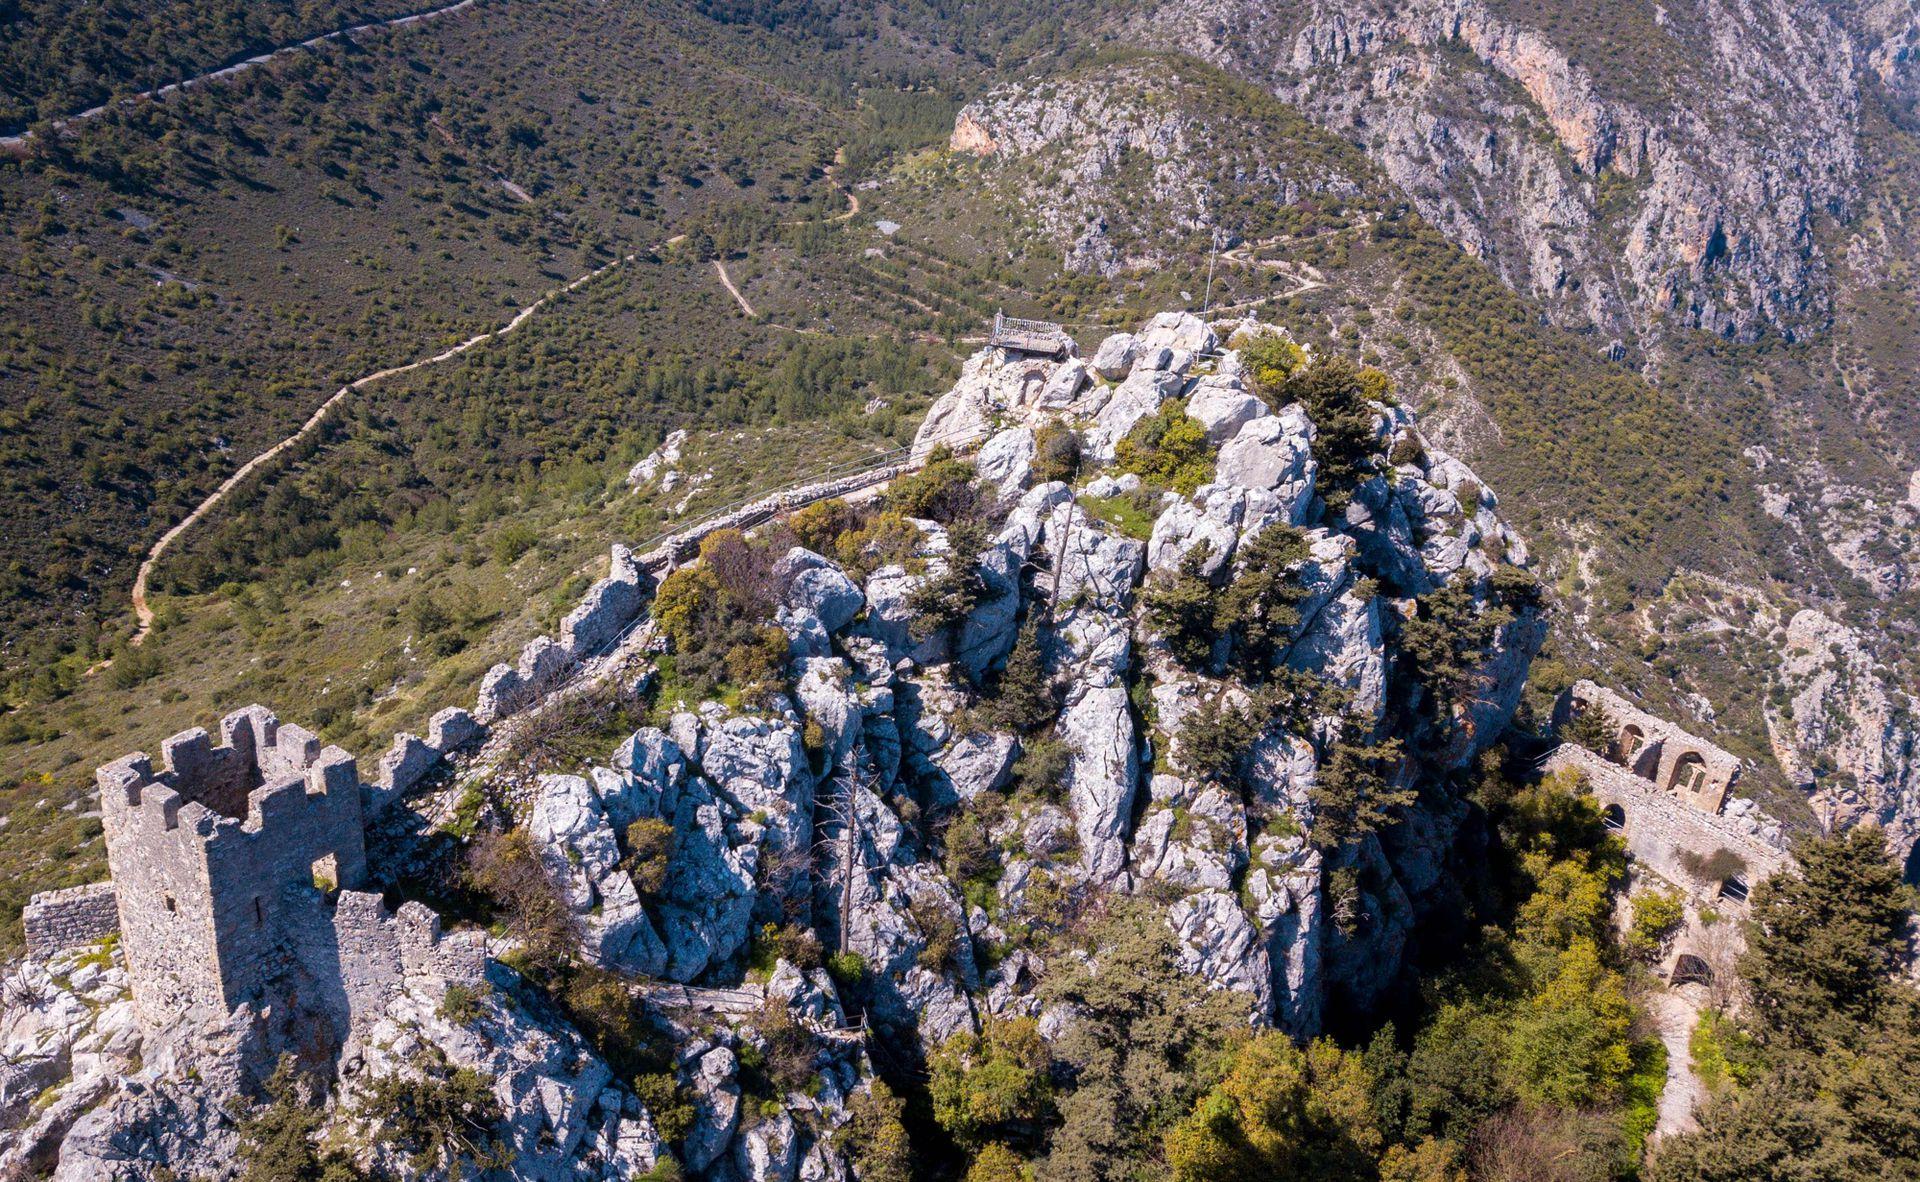 Las fábulas sobre los templarios son legendarias, pero en las profundidades de un castillo de Chipre, una isla del Mediterráneo que perteneció a la cofradía de los cruzados, se esconde un patrimonio todavía muy visible, según los historiadores